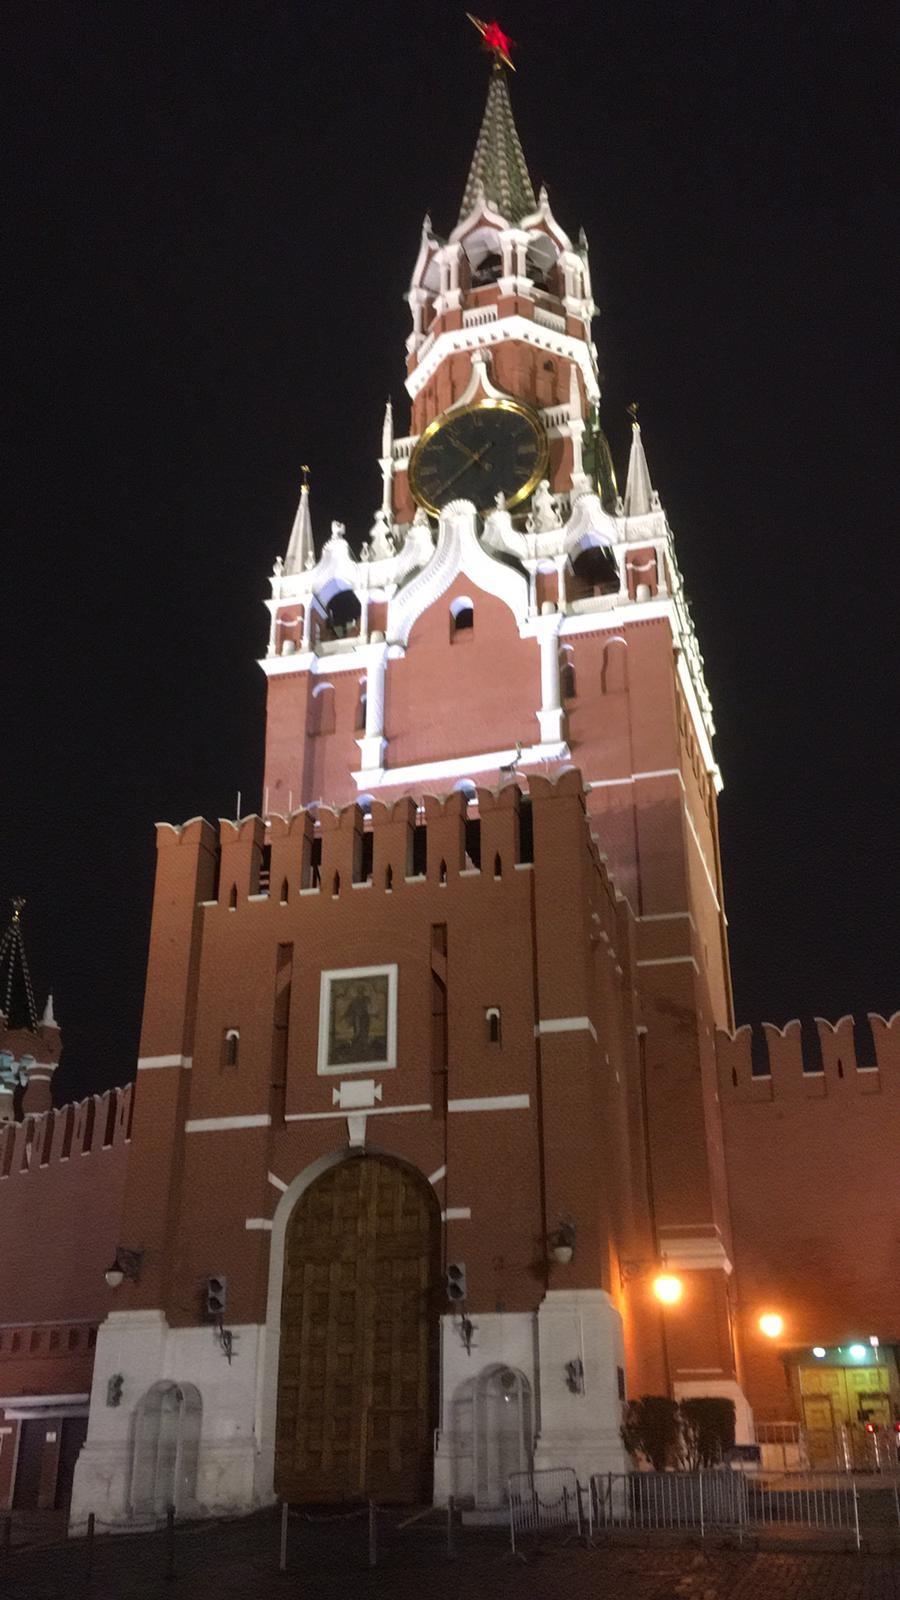 La nostra Napoli arriva in Russia, ed è tutto bellissimo - 28